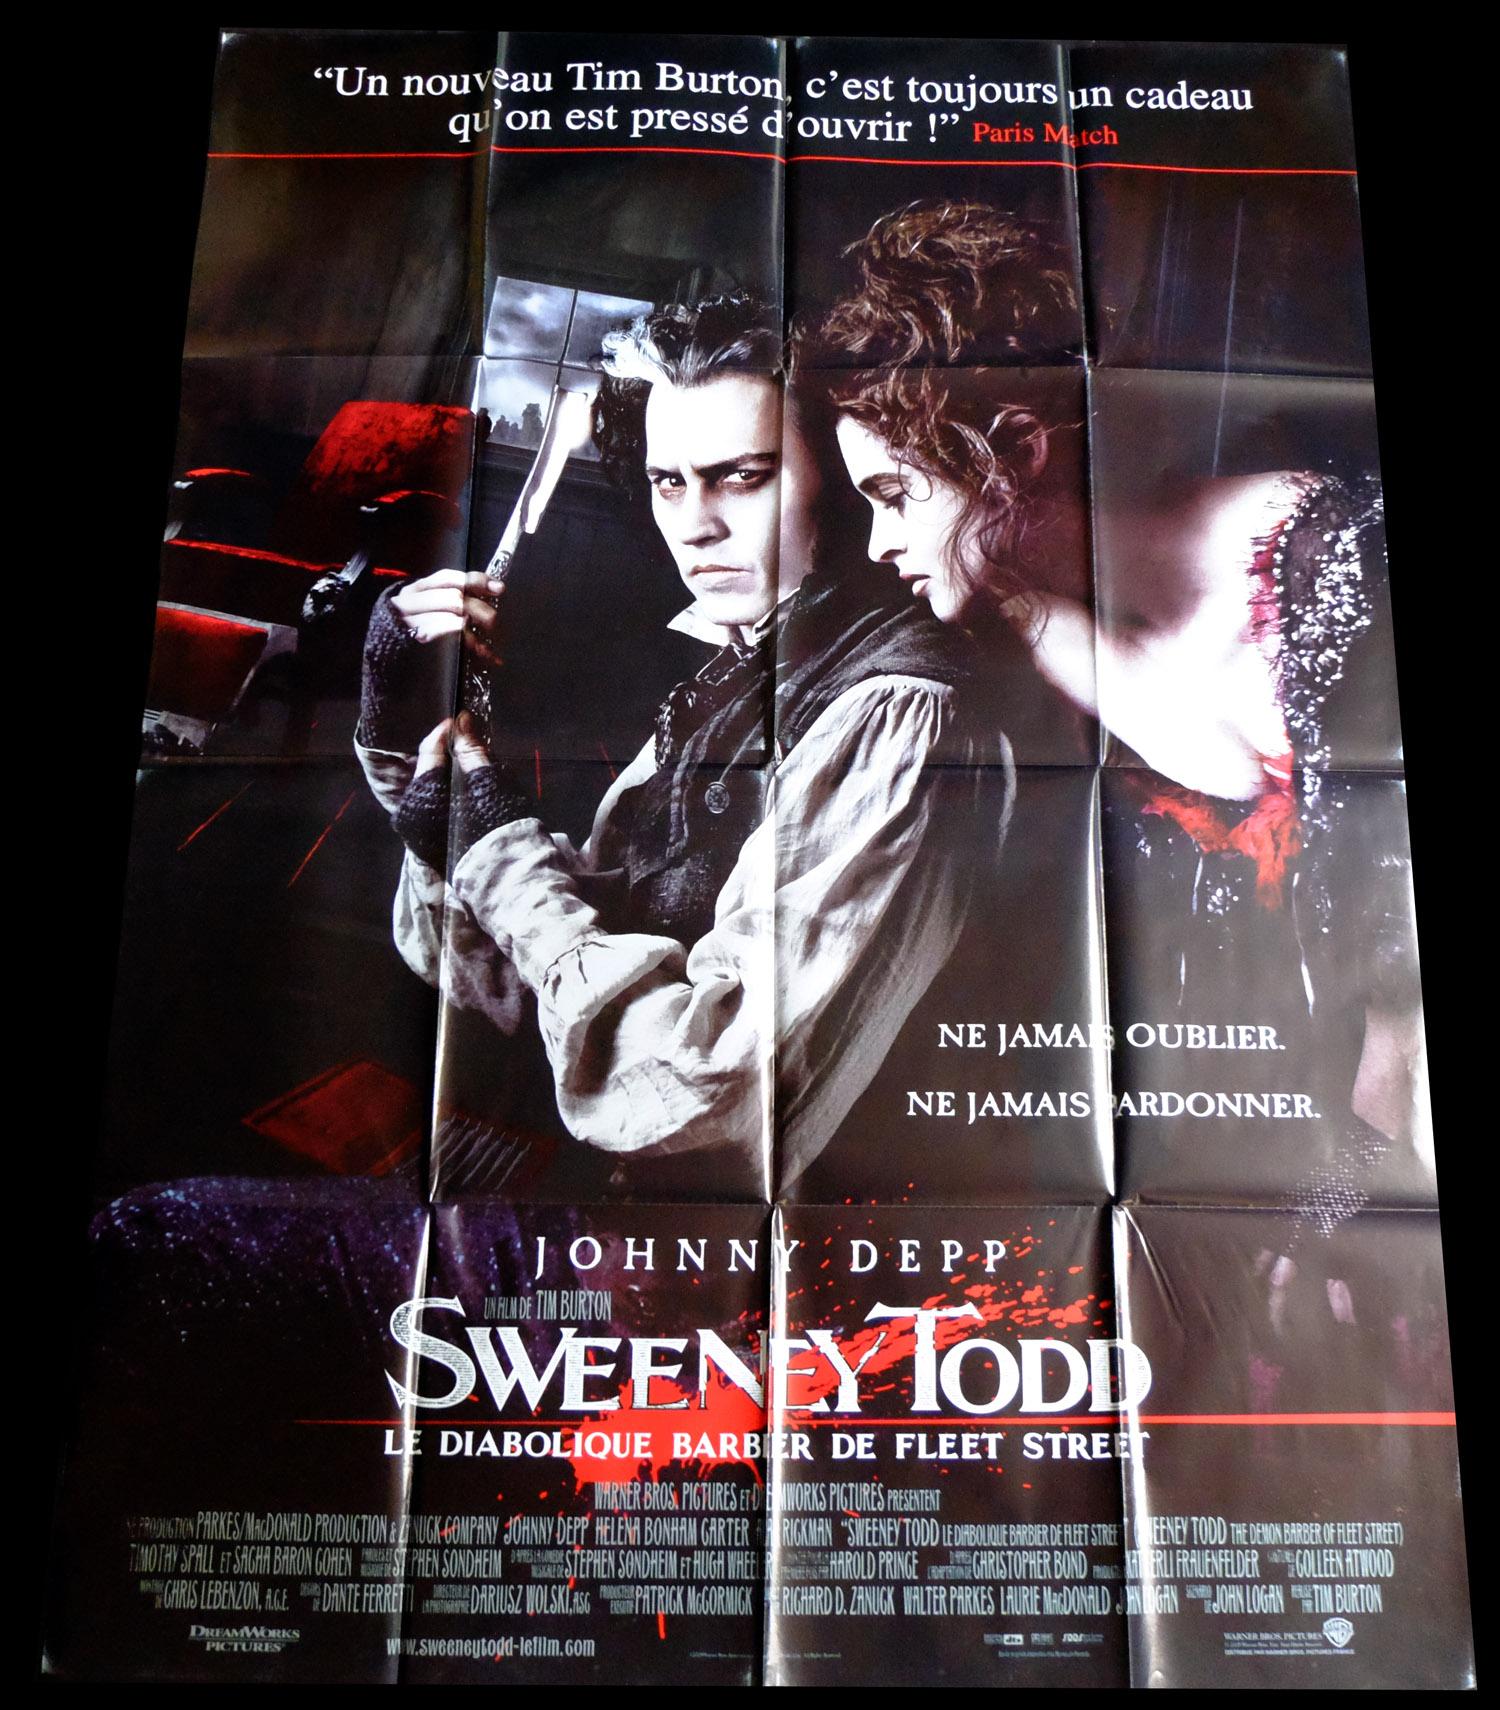 sweeney todd movie poster wwwpixsharkcom images